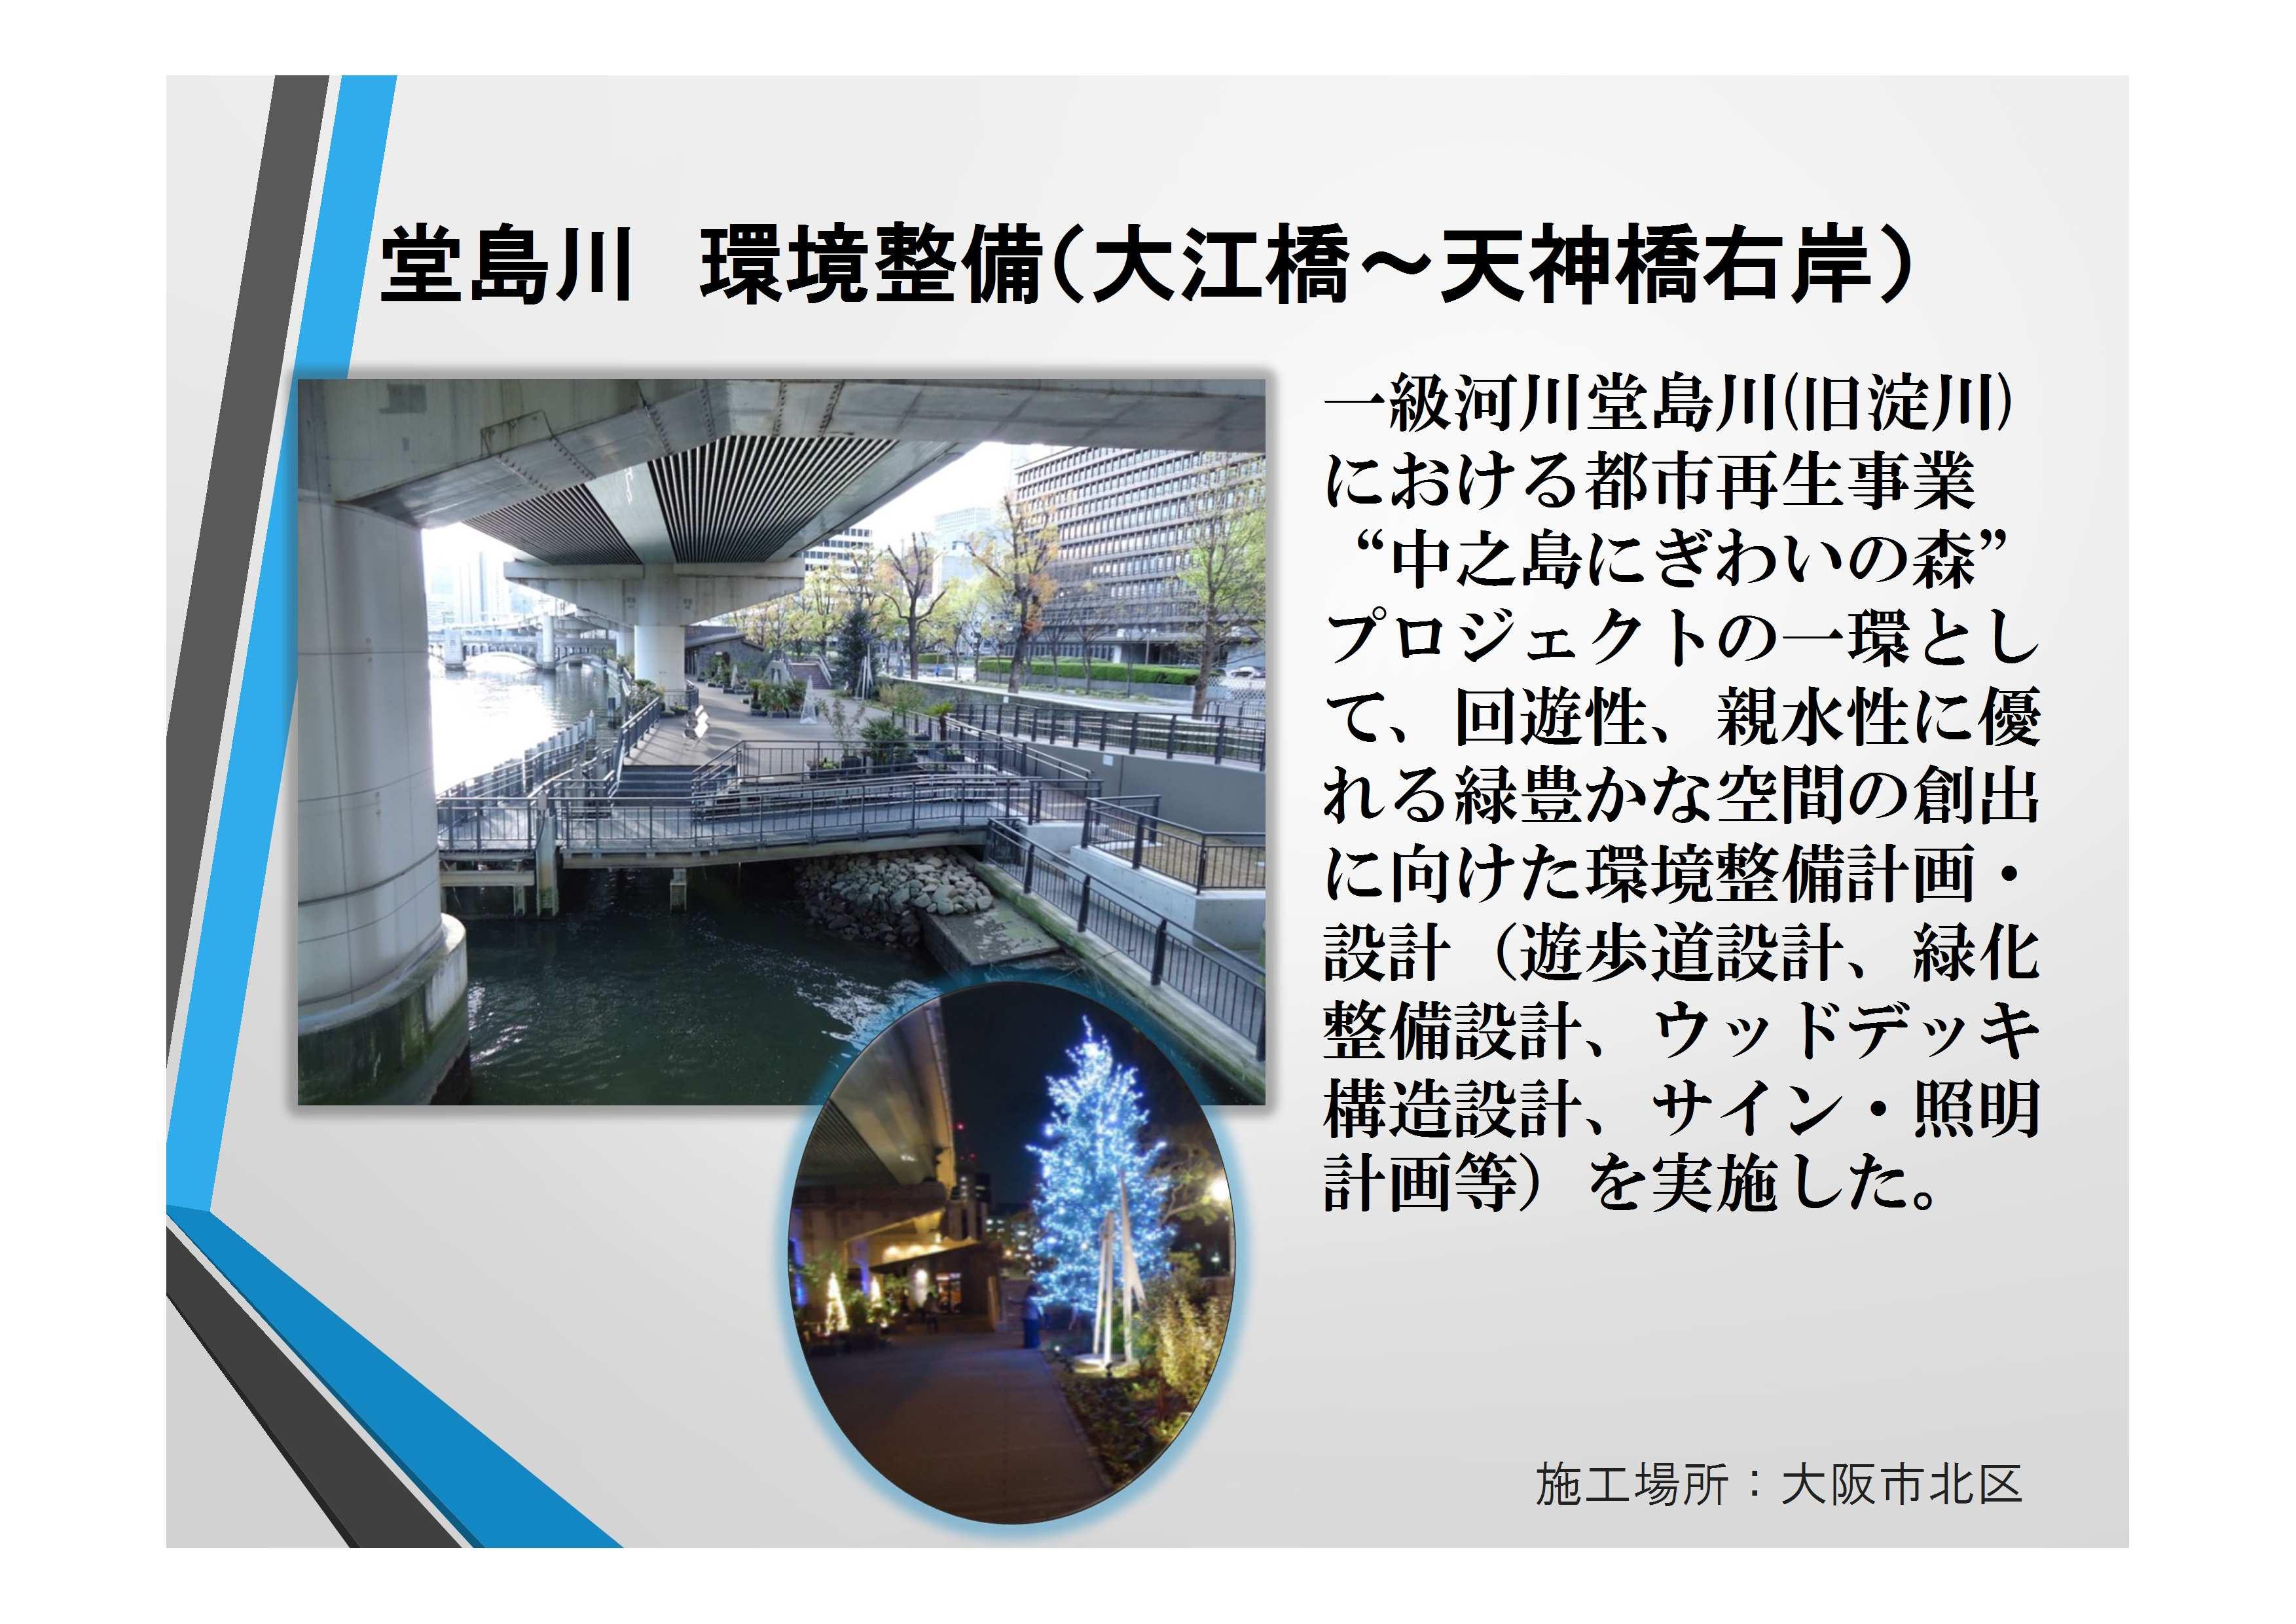 近22092 一級河川堂島川 環境整備設計(大江橋~天神橋右岸)【確認済】中村部長